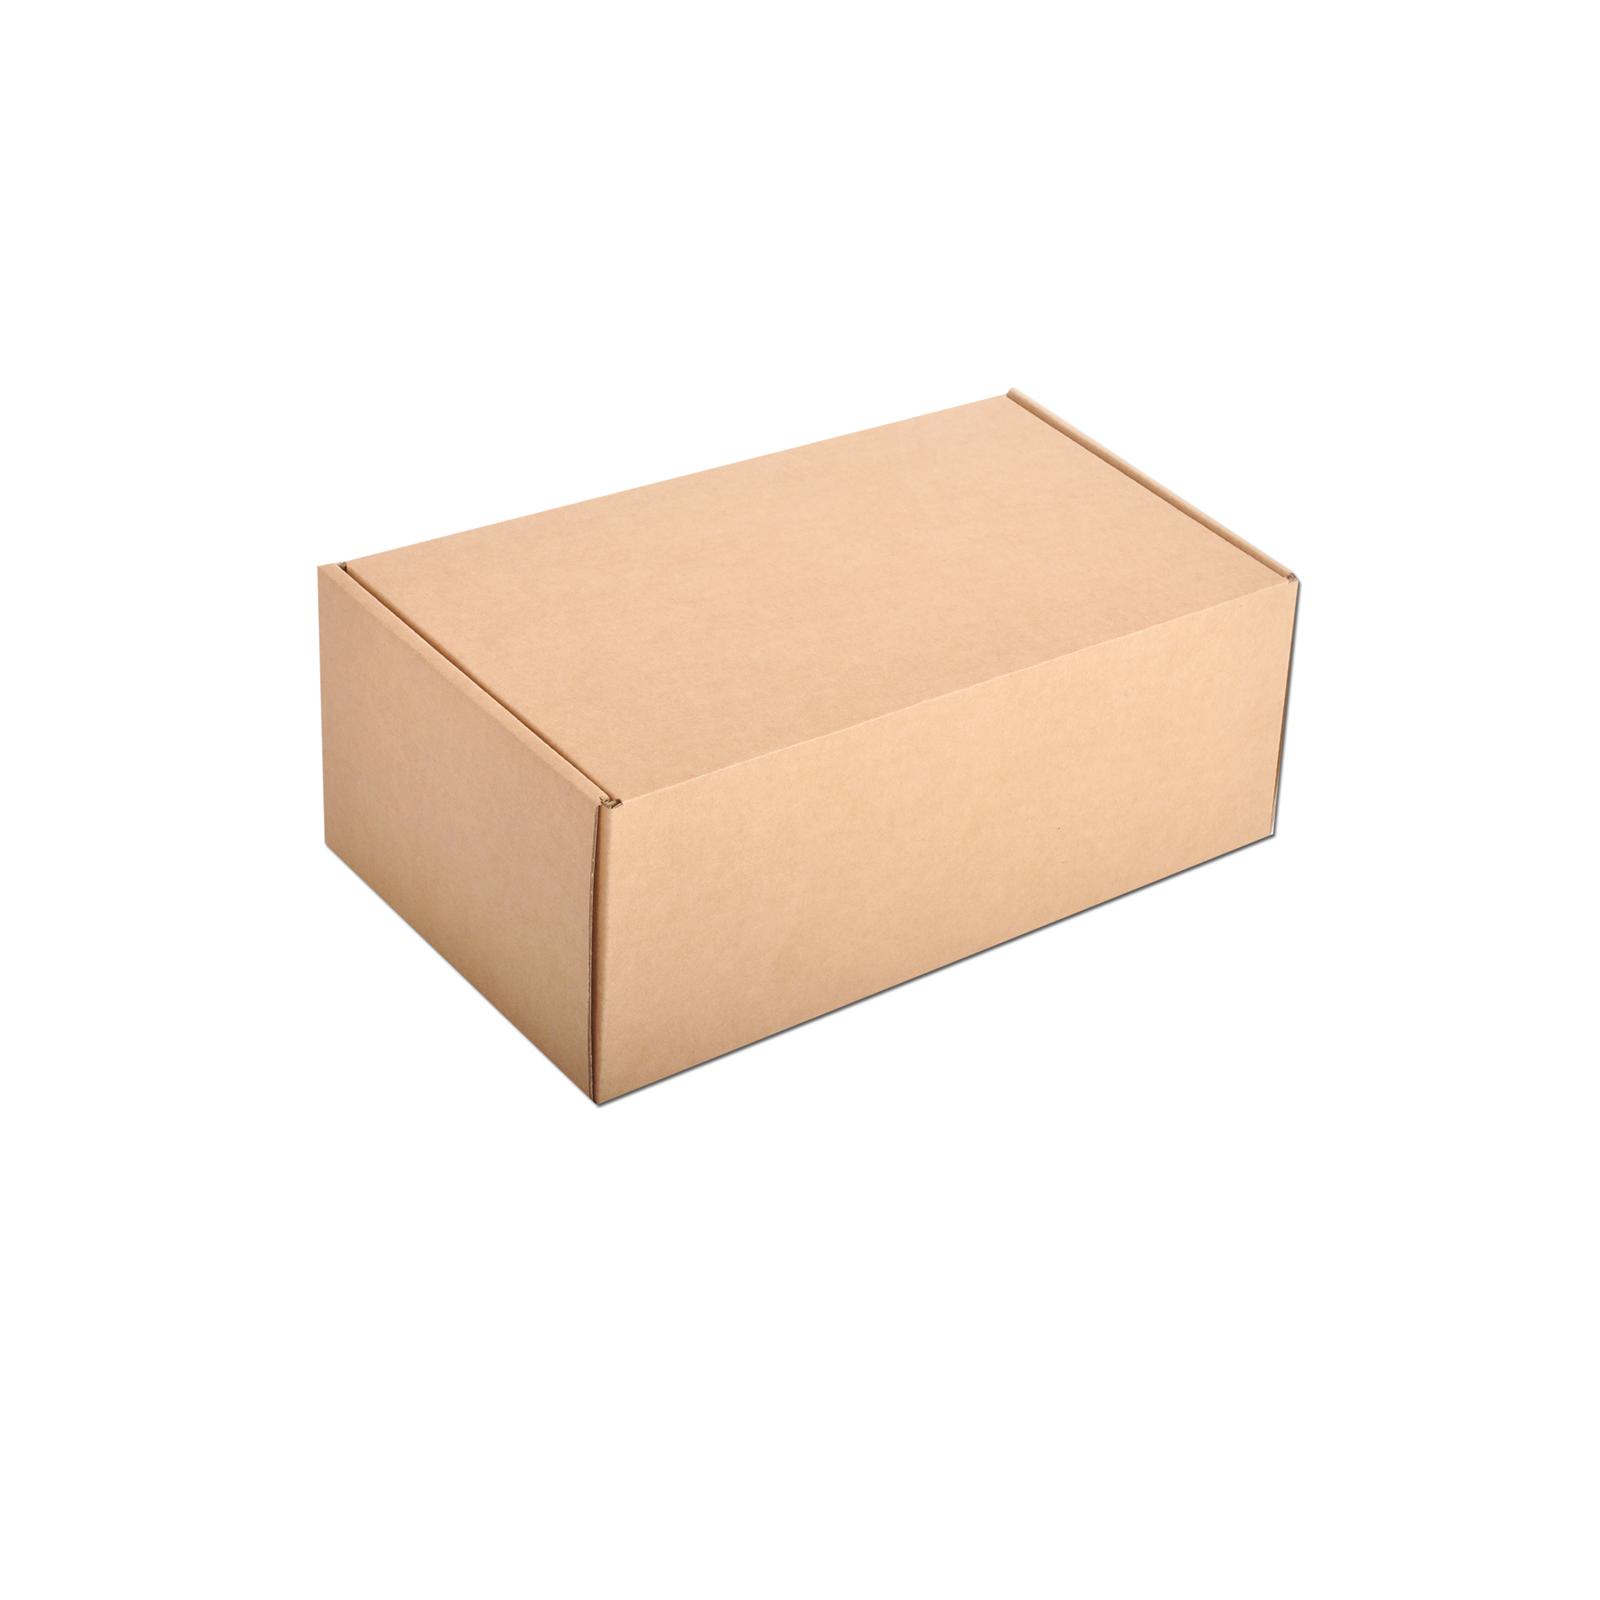 Boîte courrier 21.5x15.5x10